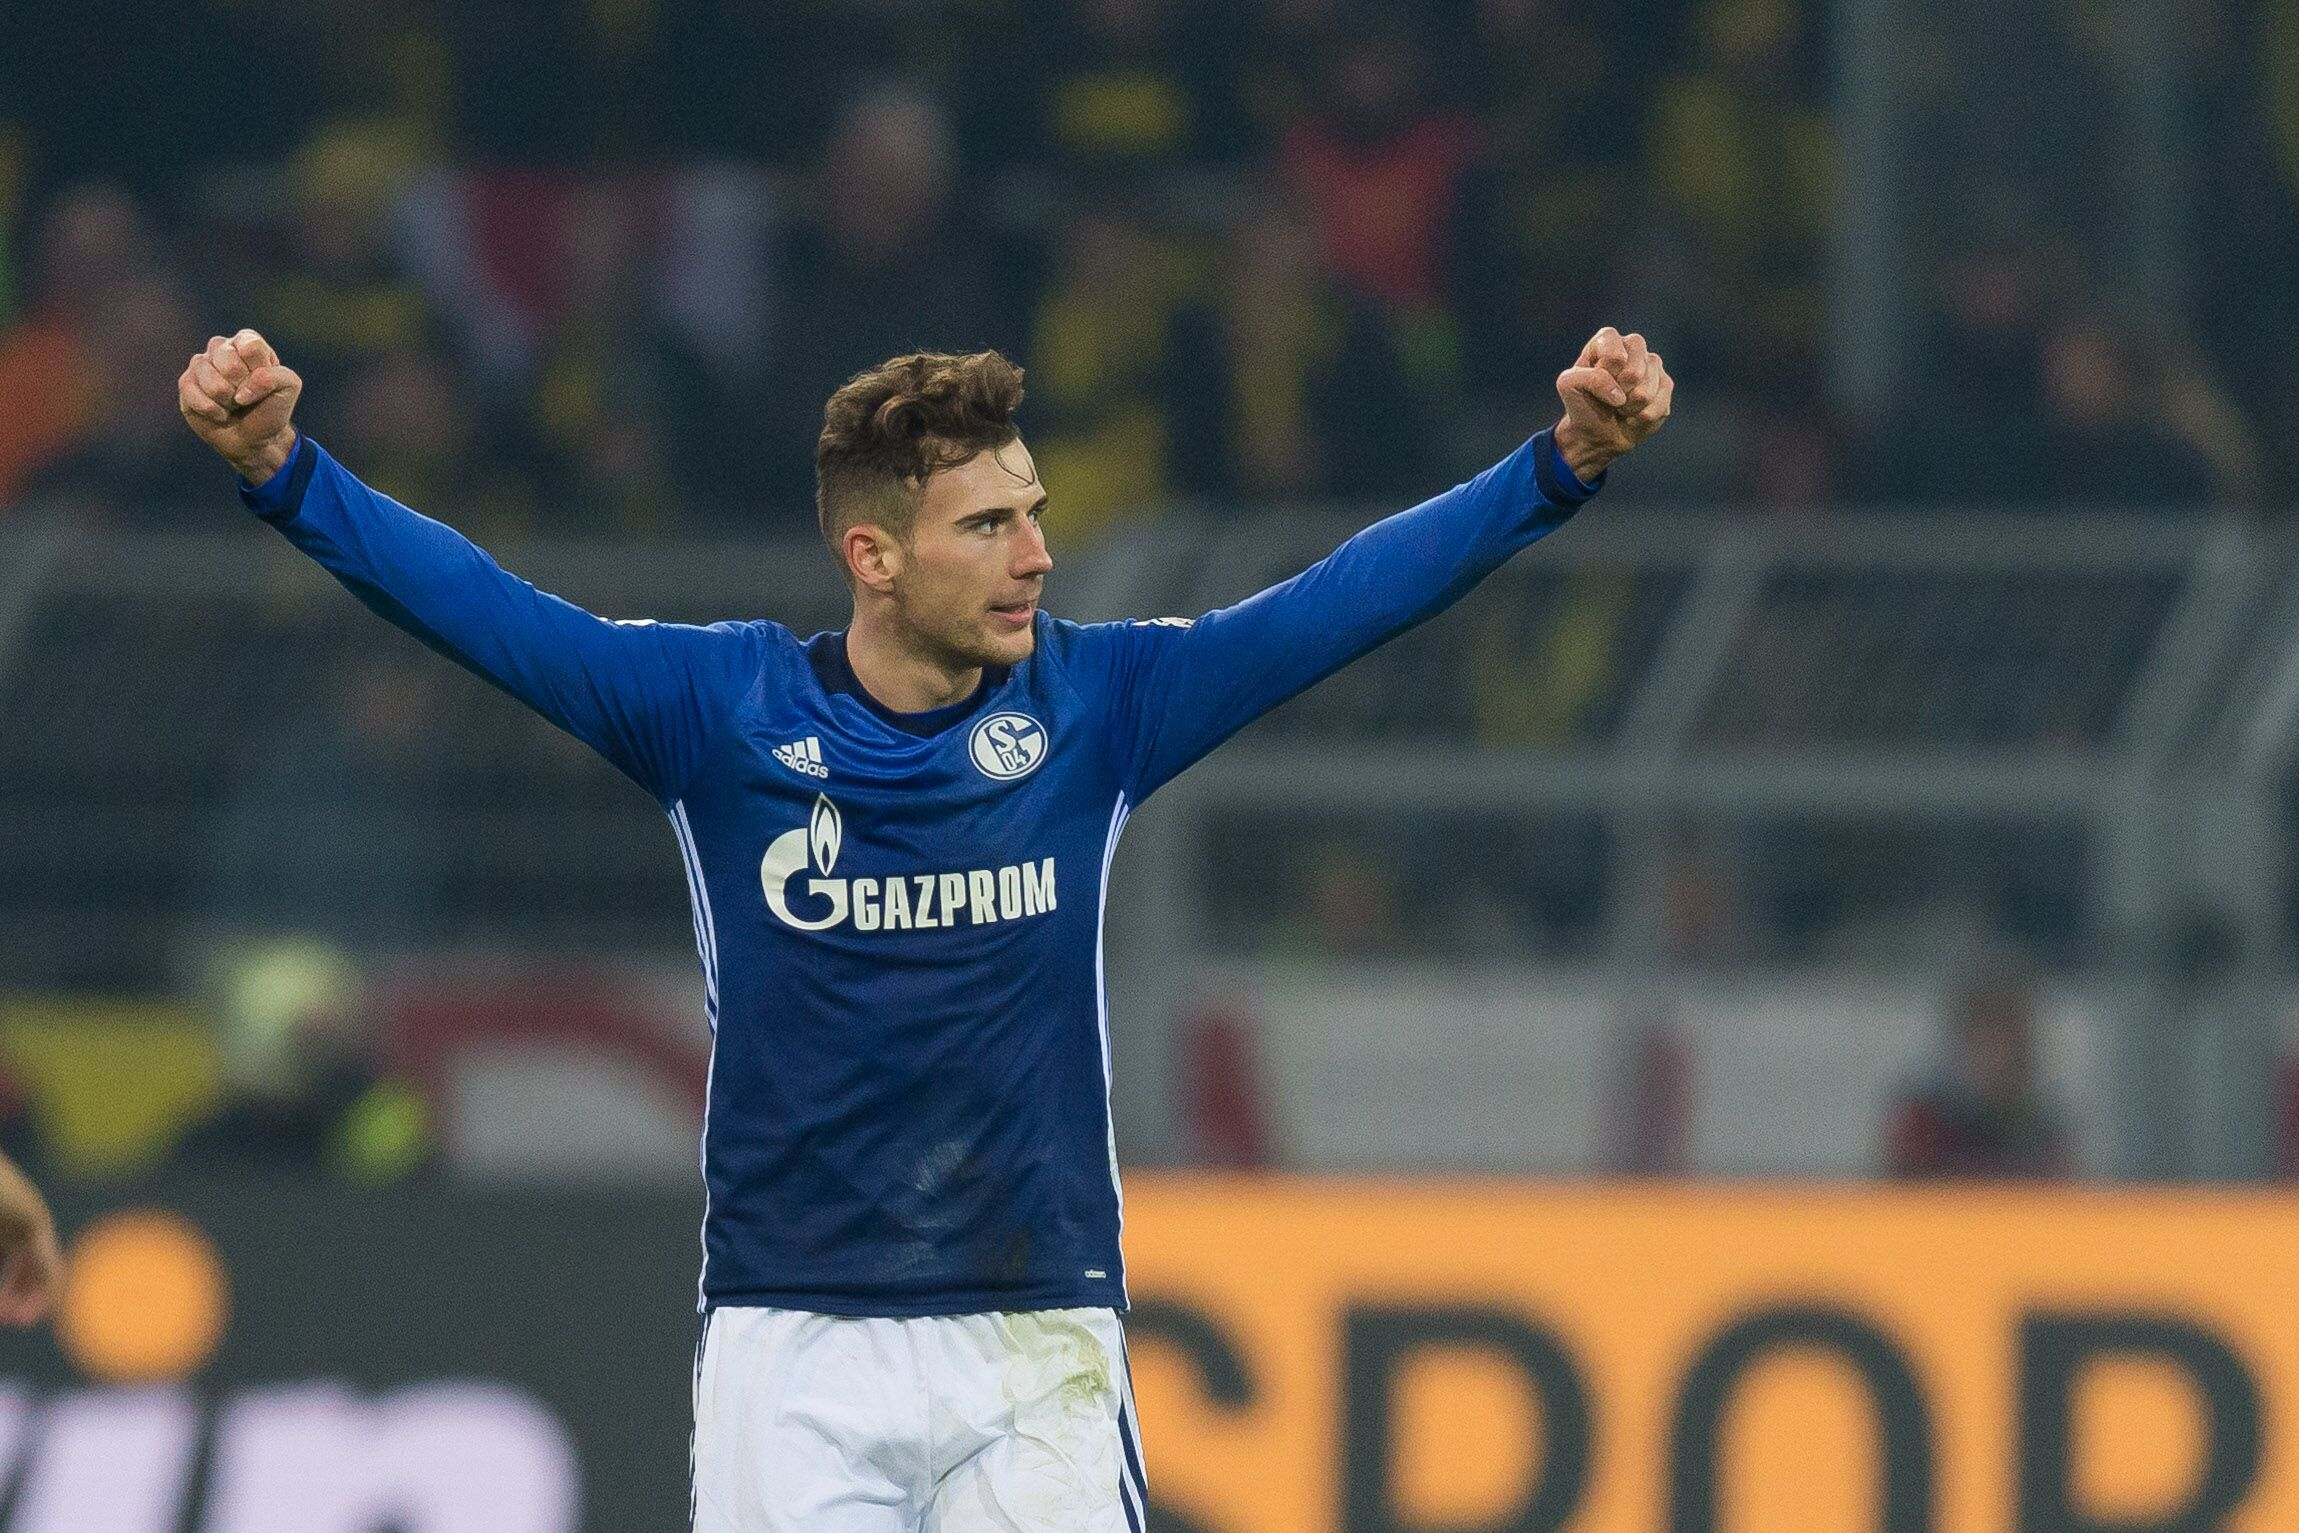 Dortmund Germany November 25 Leon Goretzka Of Schalke Celebrates After Winning The Bundesliga